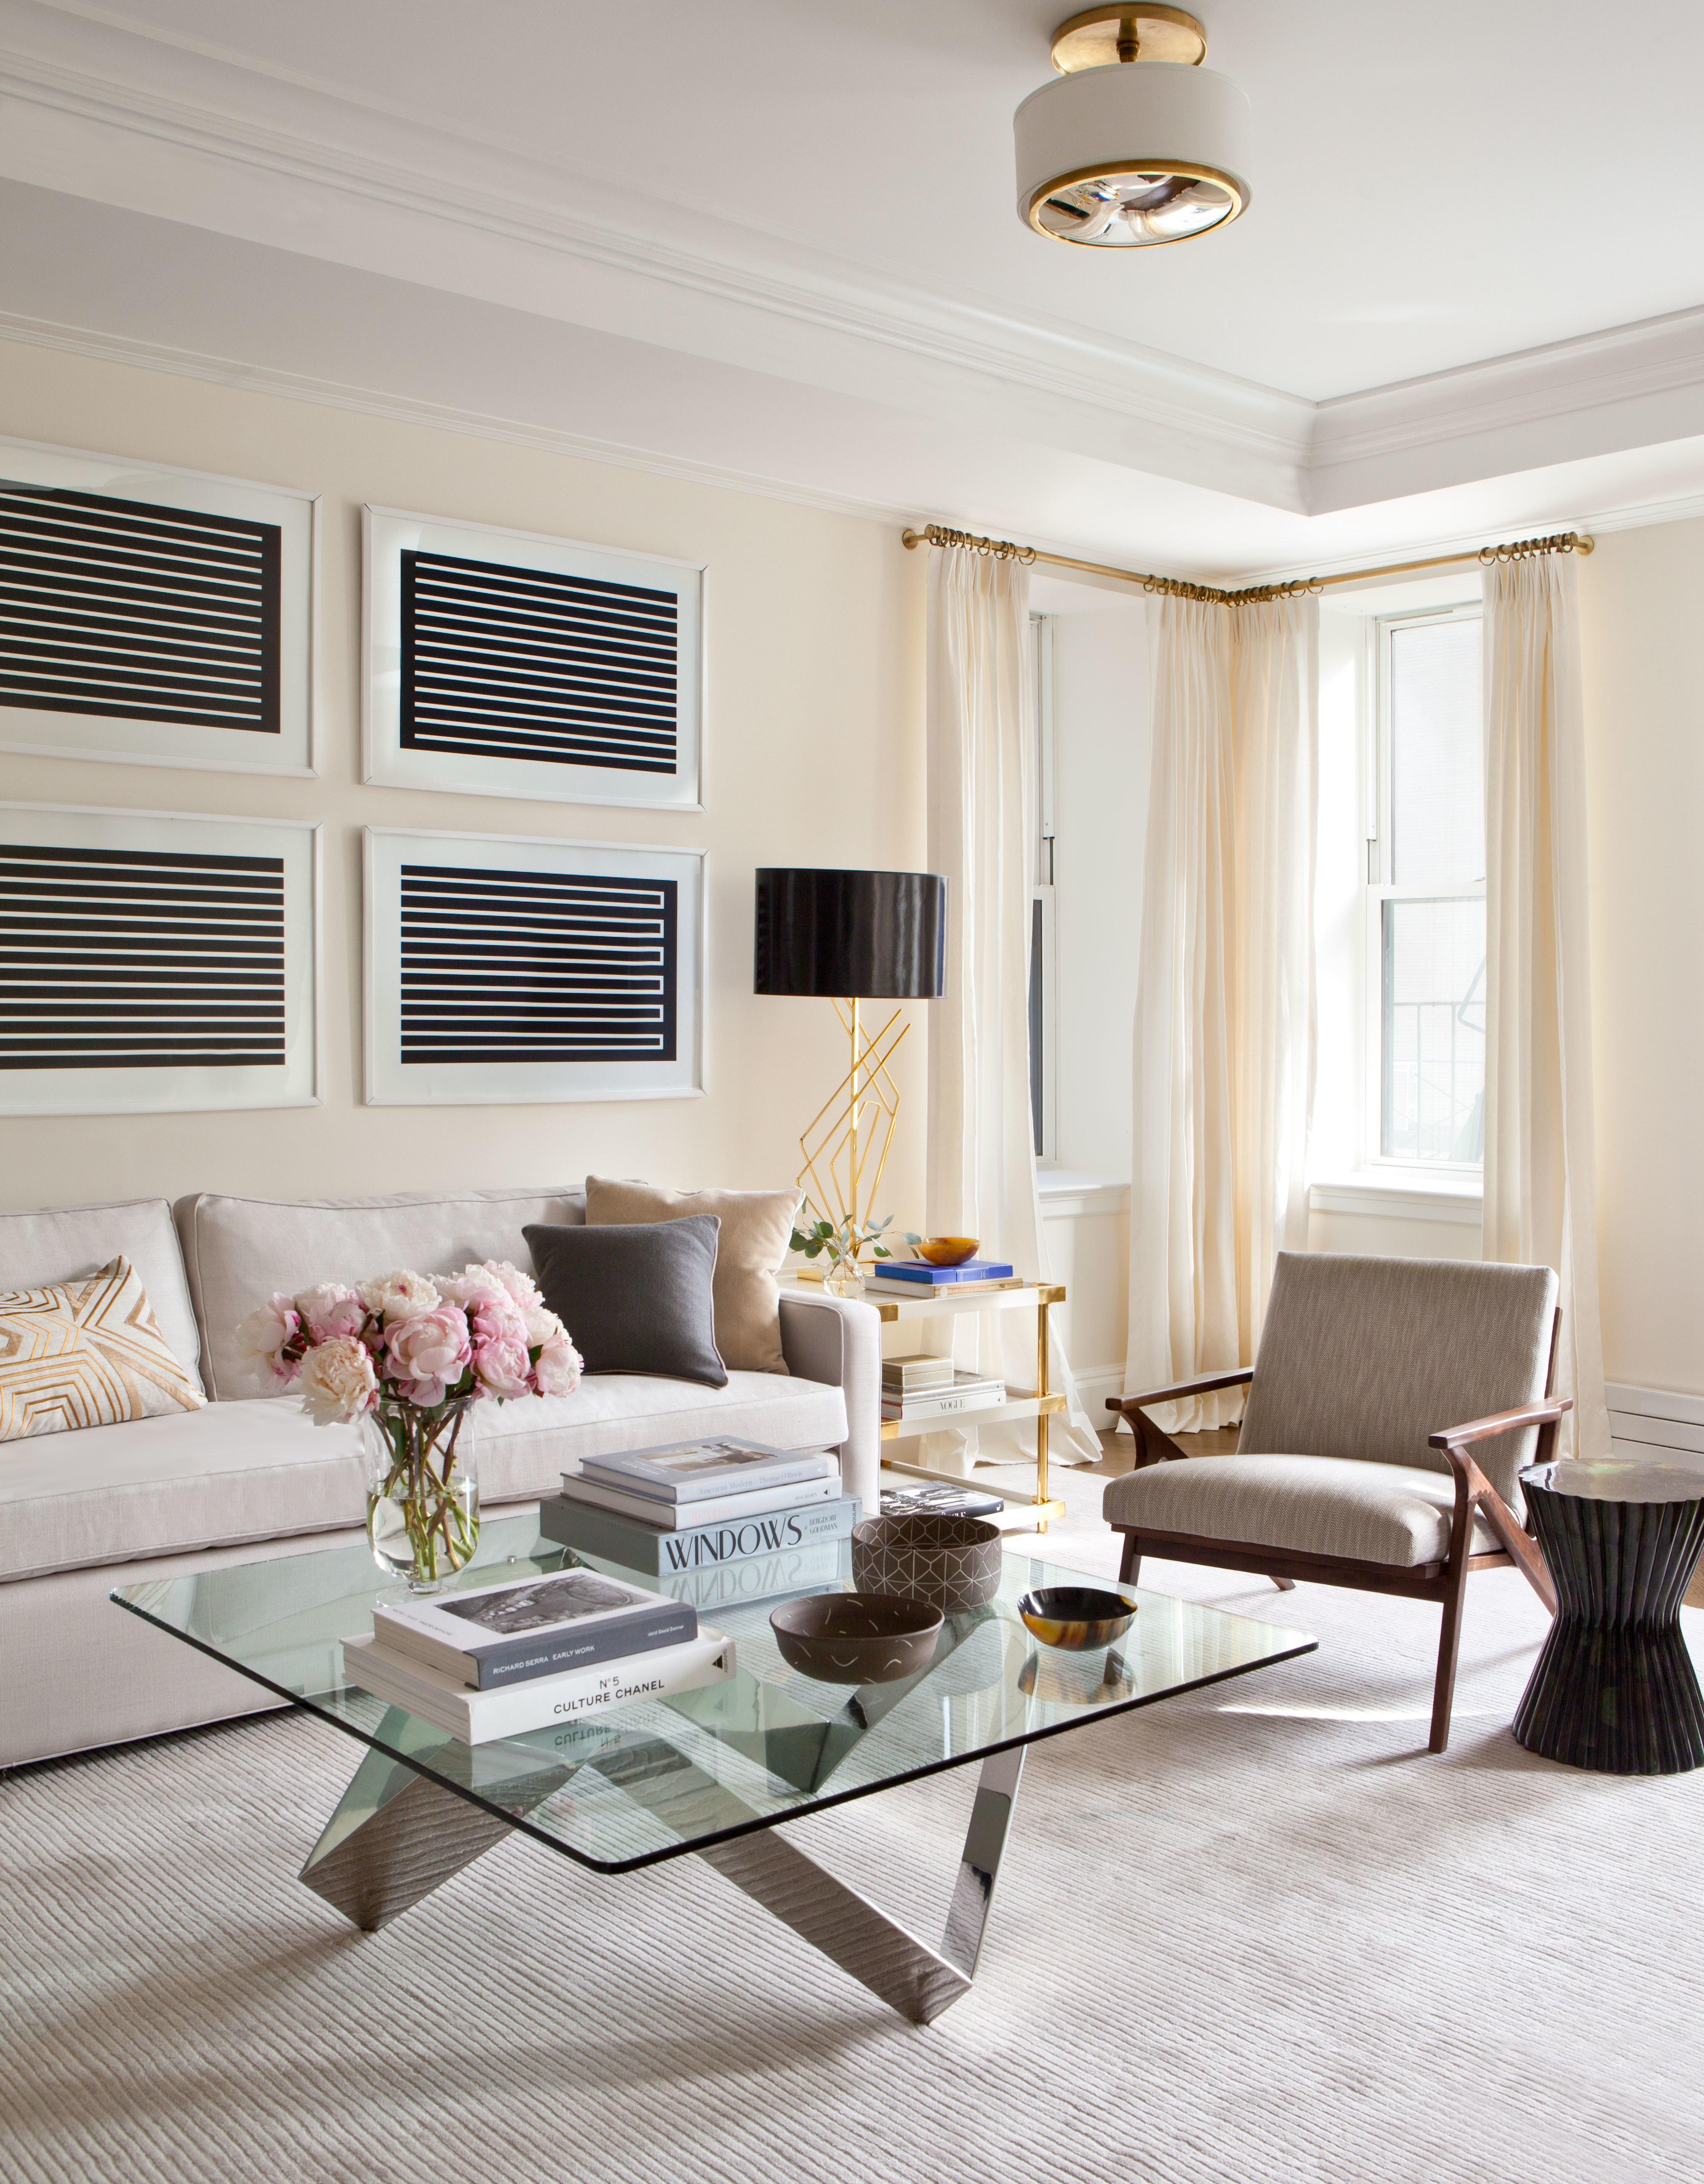 sala-elegante-e-discreta-com-quadros-geometricos-architectural-digest